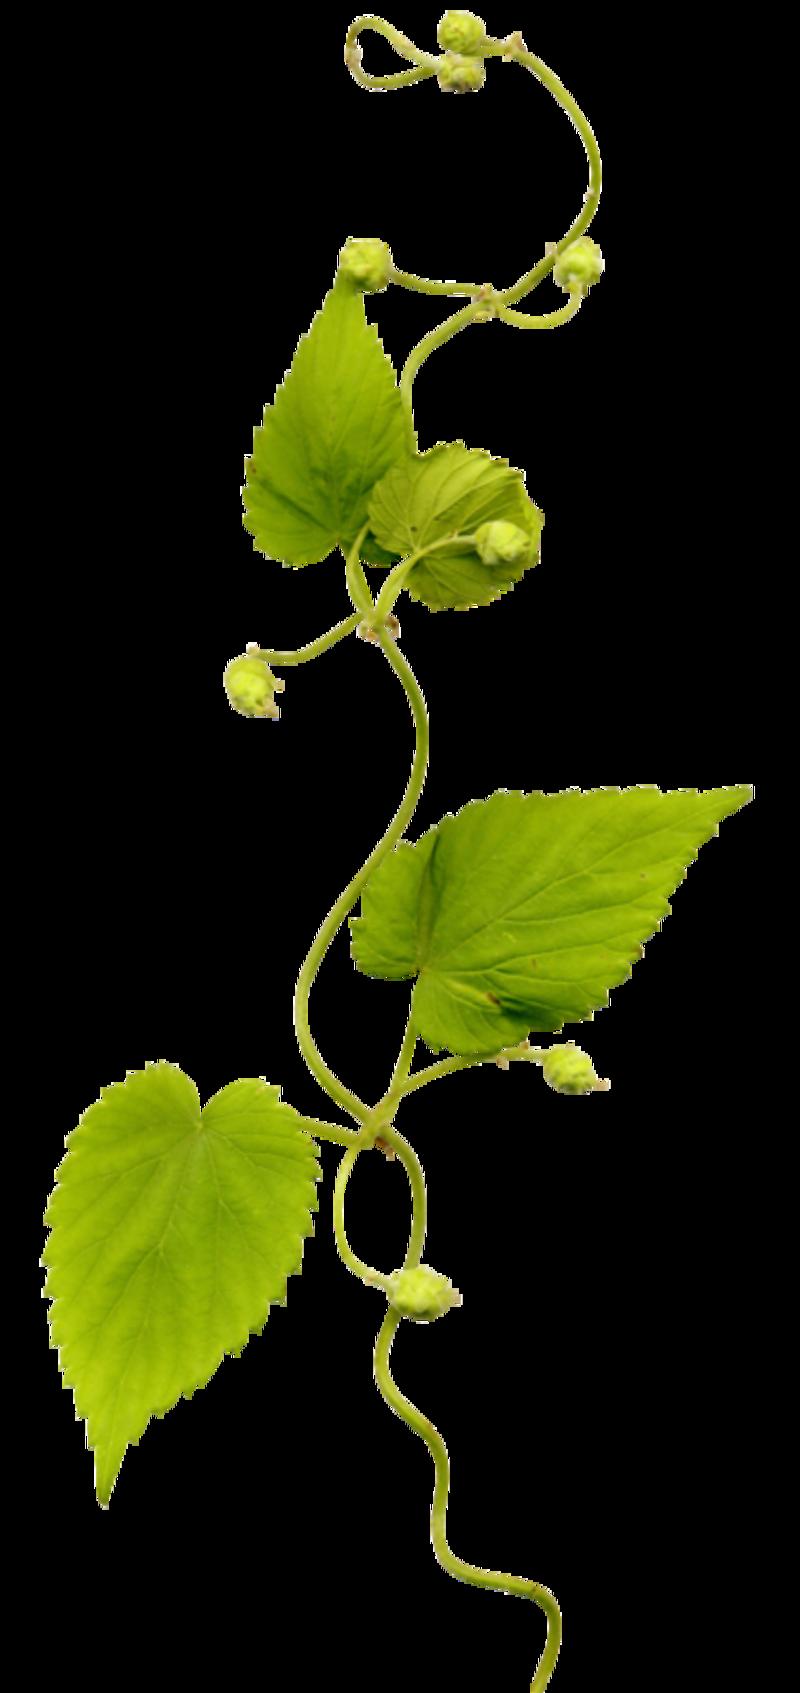 Plante Grimpante Dessin